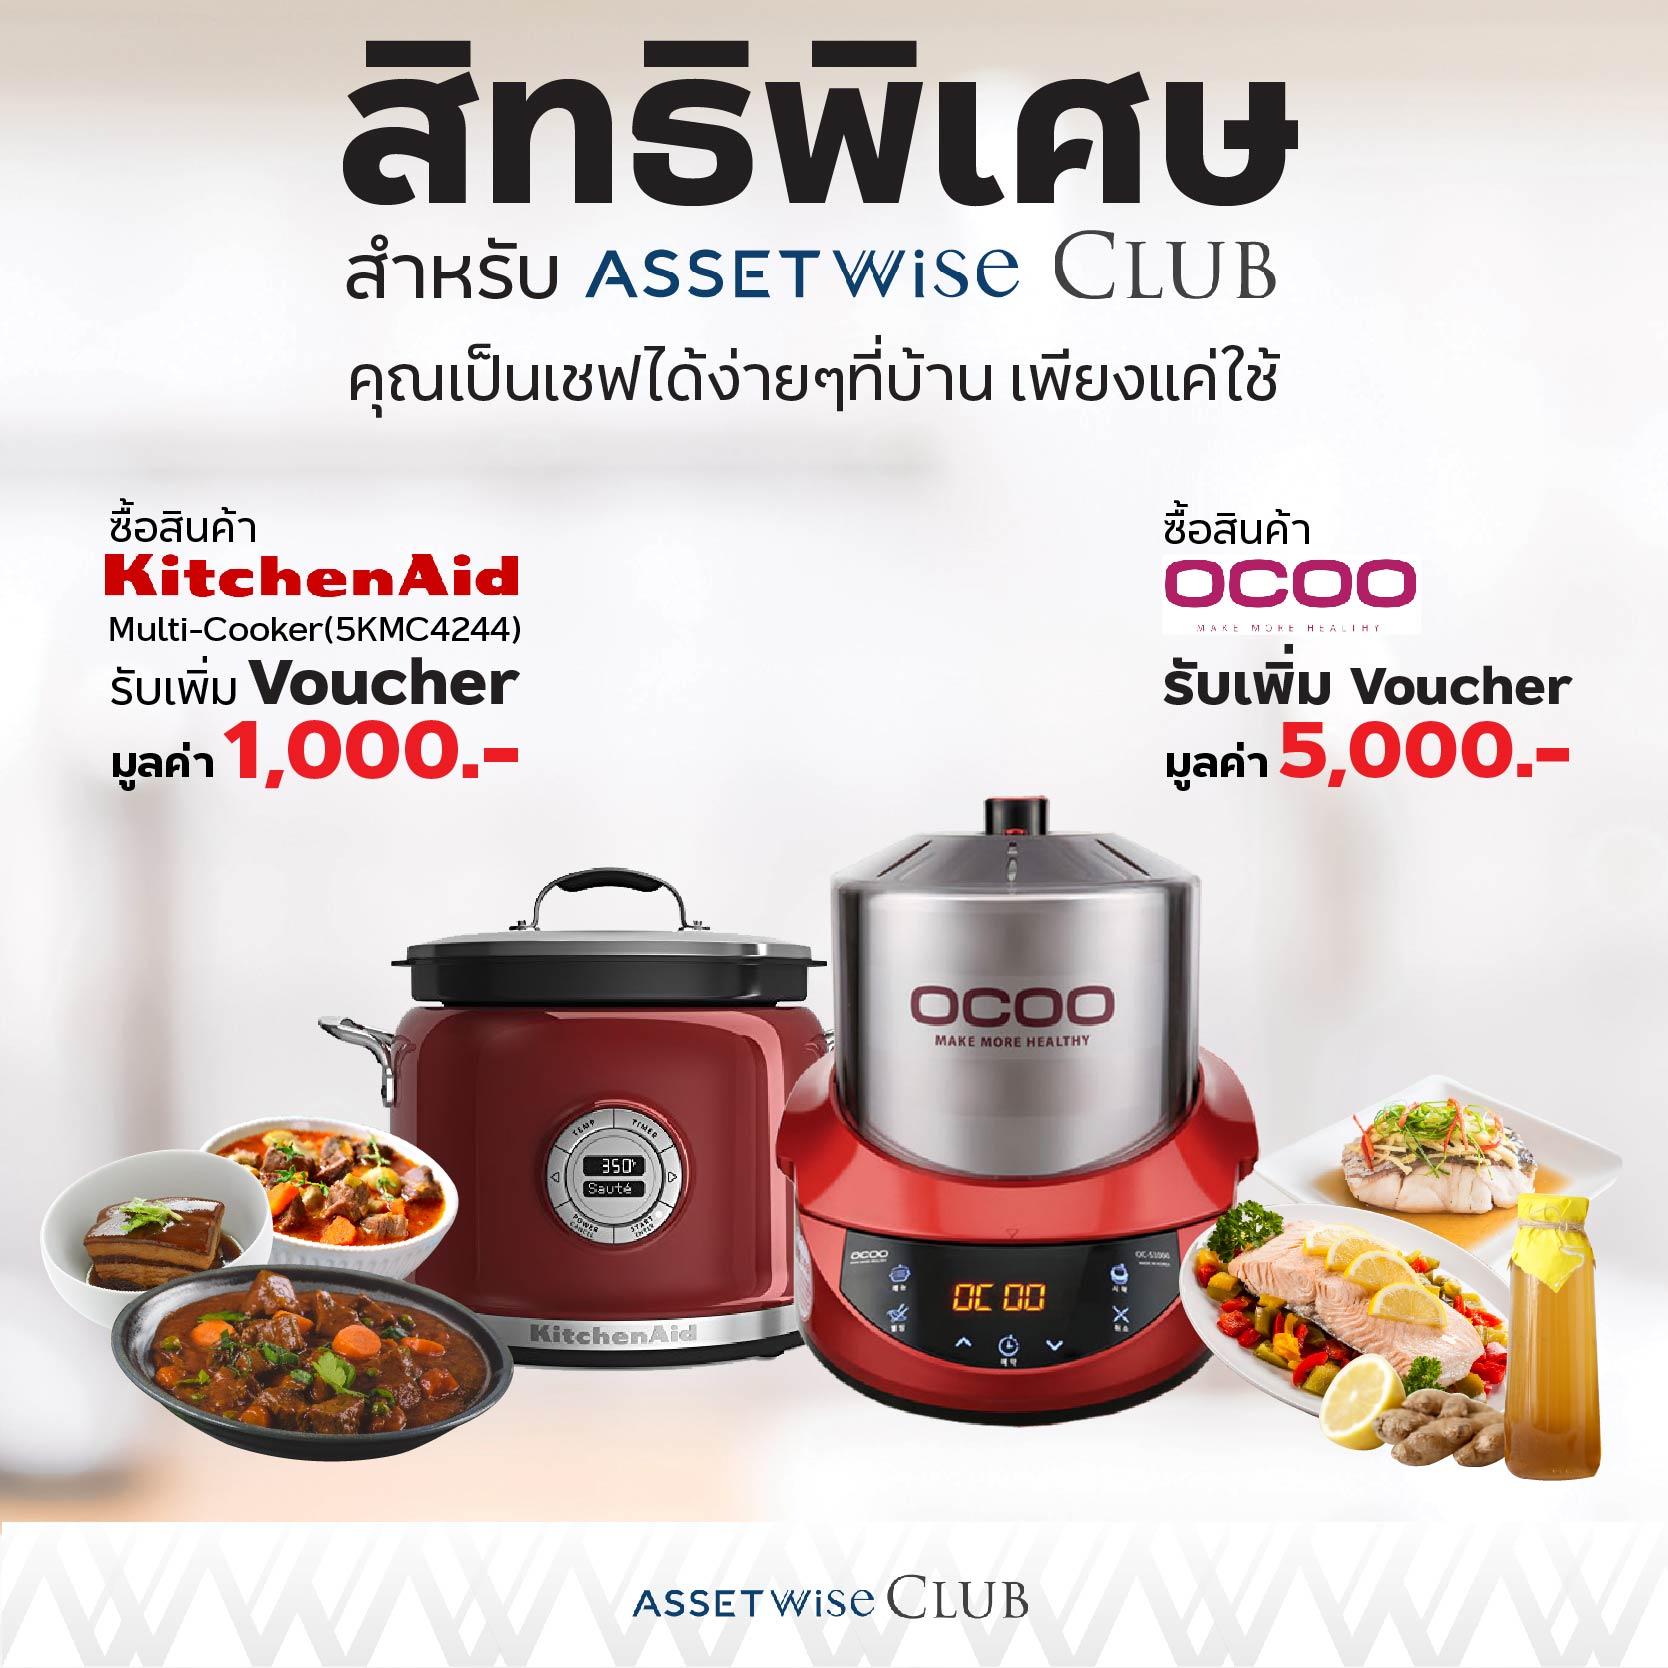 ชวนลูกบ้าน AssetWise Club มาเป็นเชฟง่ายๆกับ KitchenWorld Marketplace